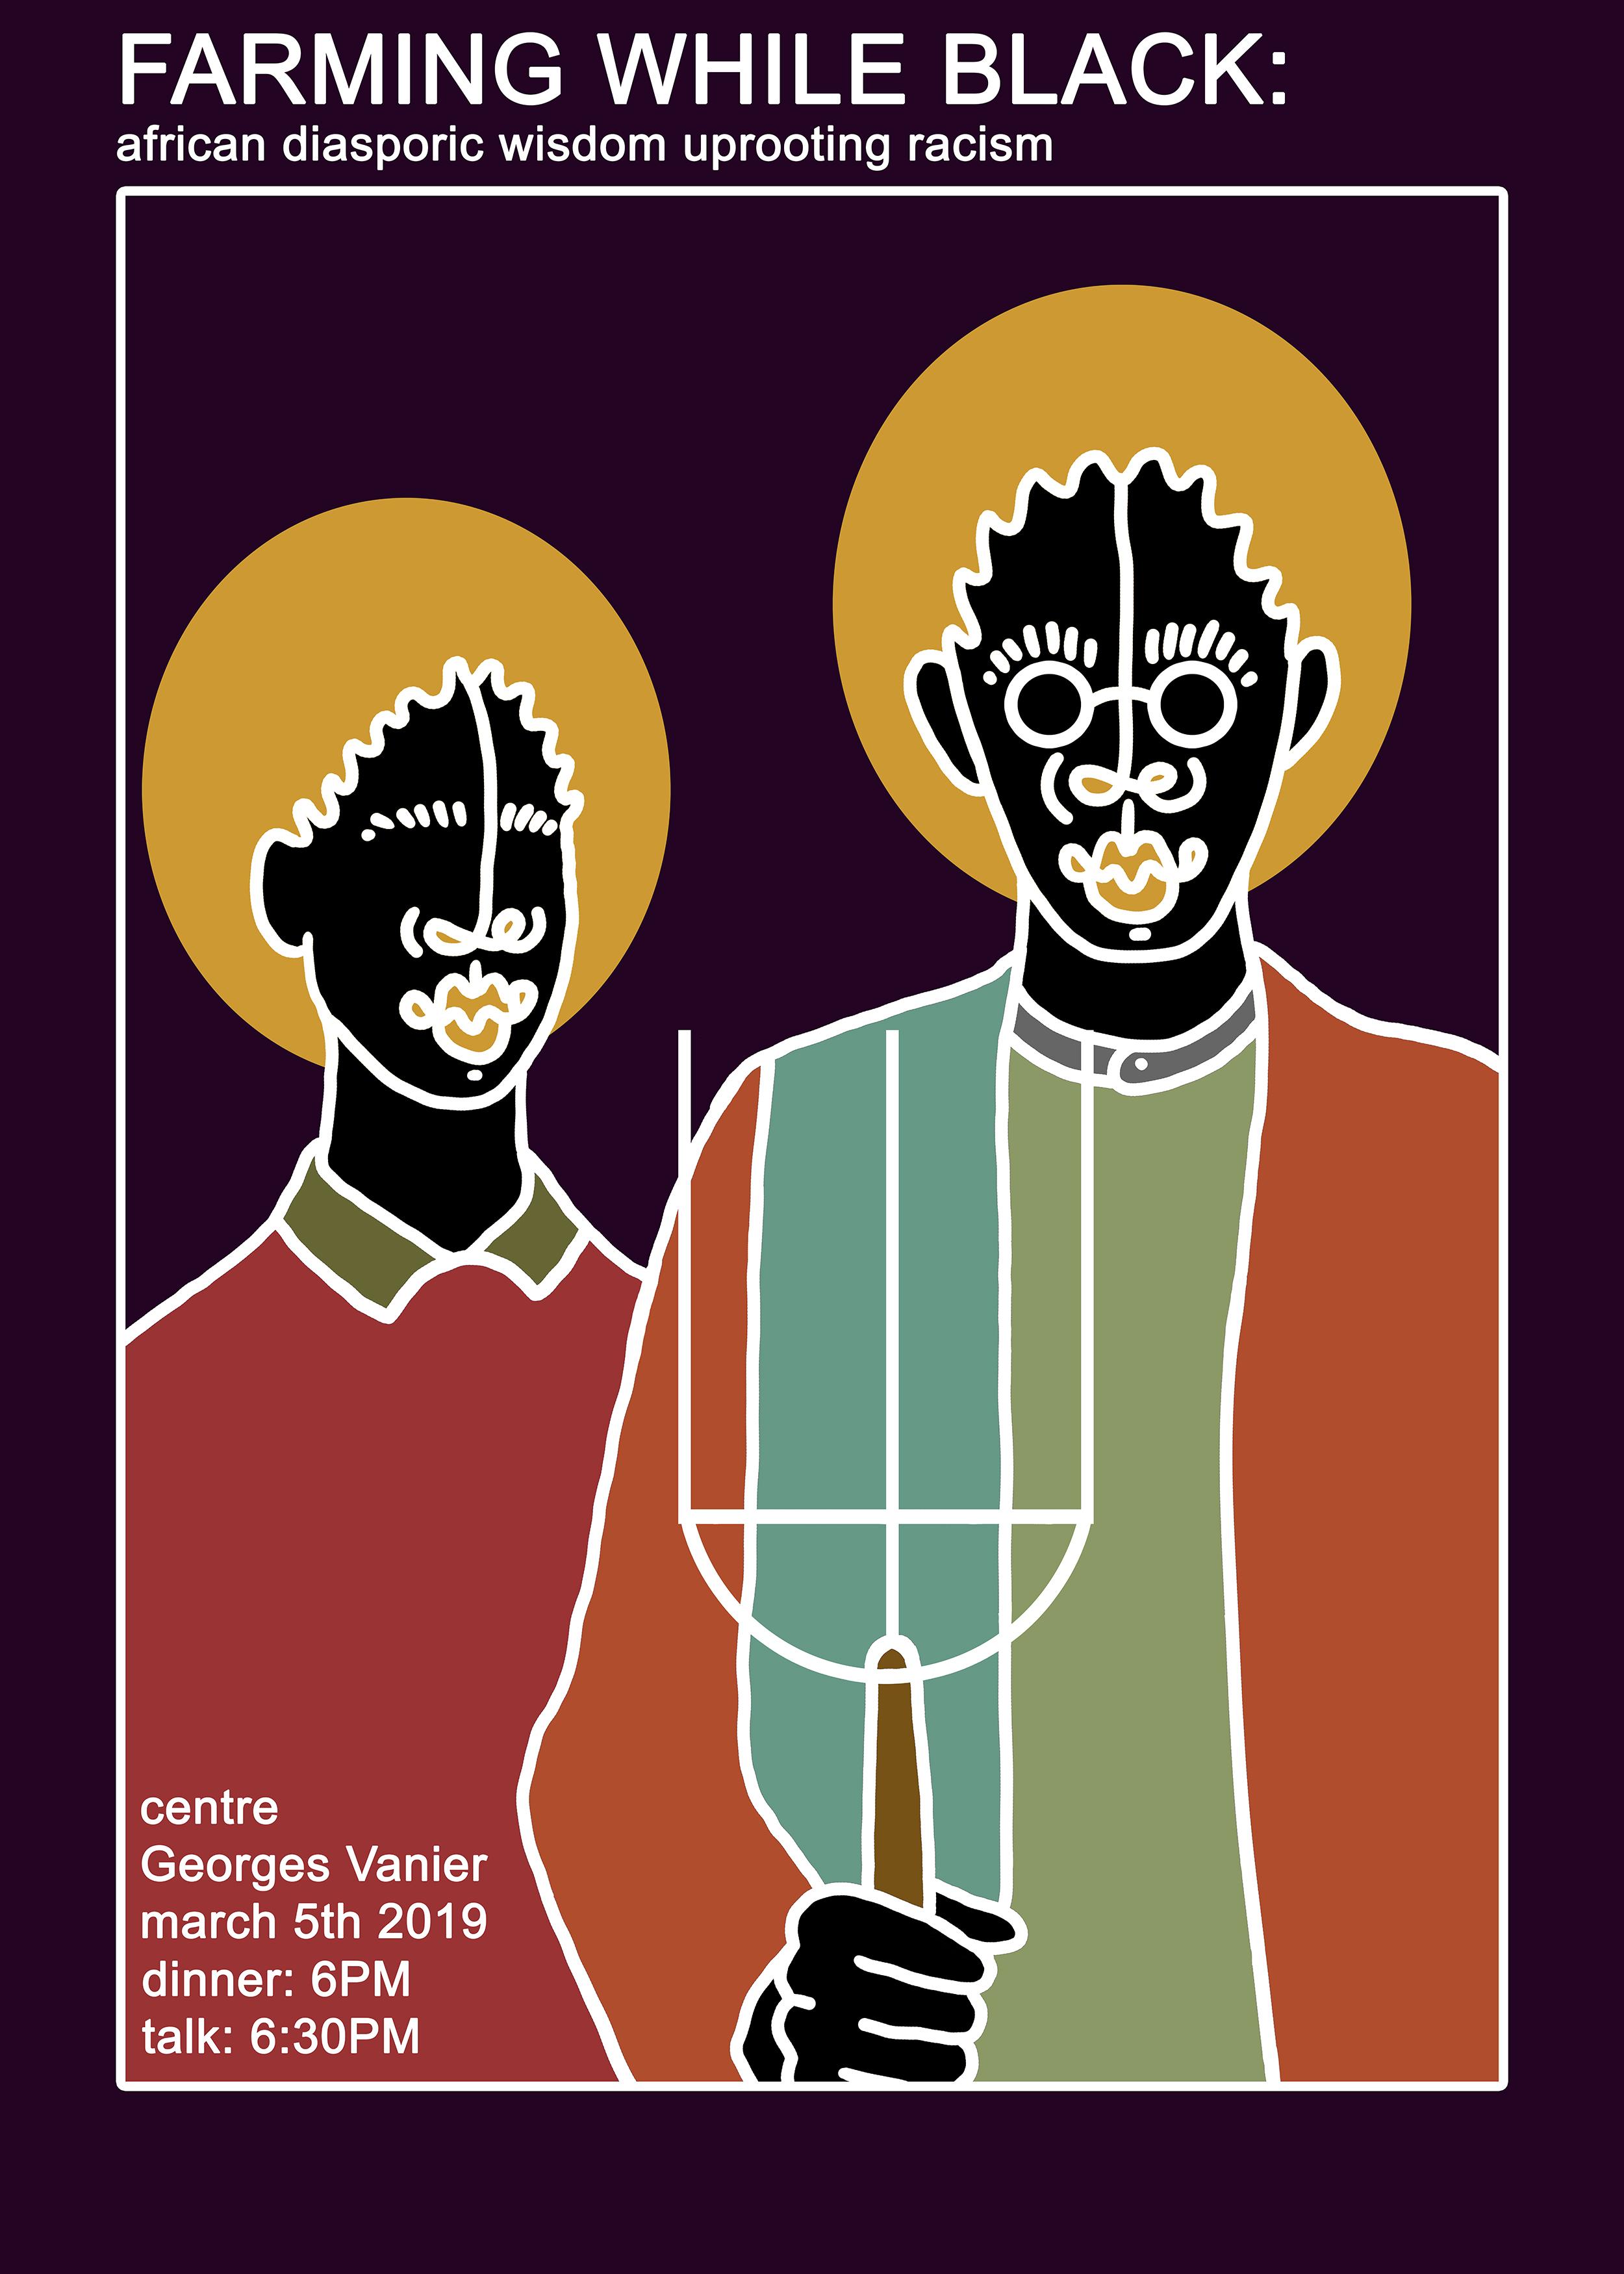 Poster by GLOWZI / Website:  glowzi.design